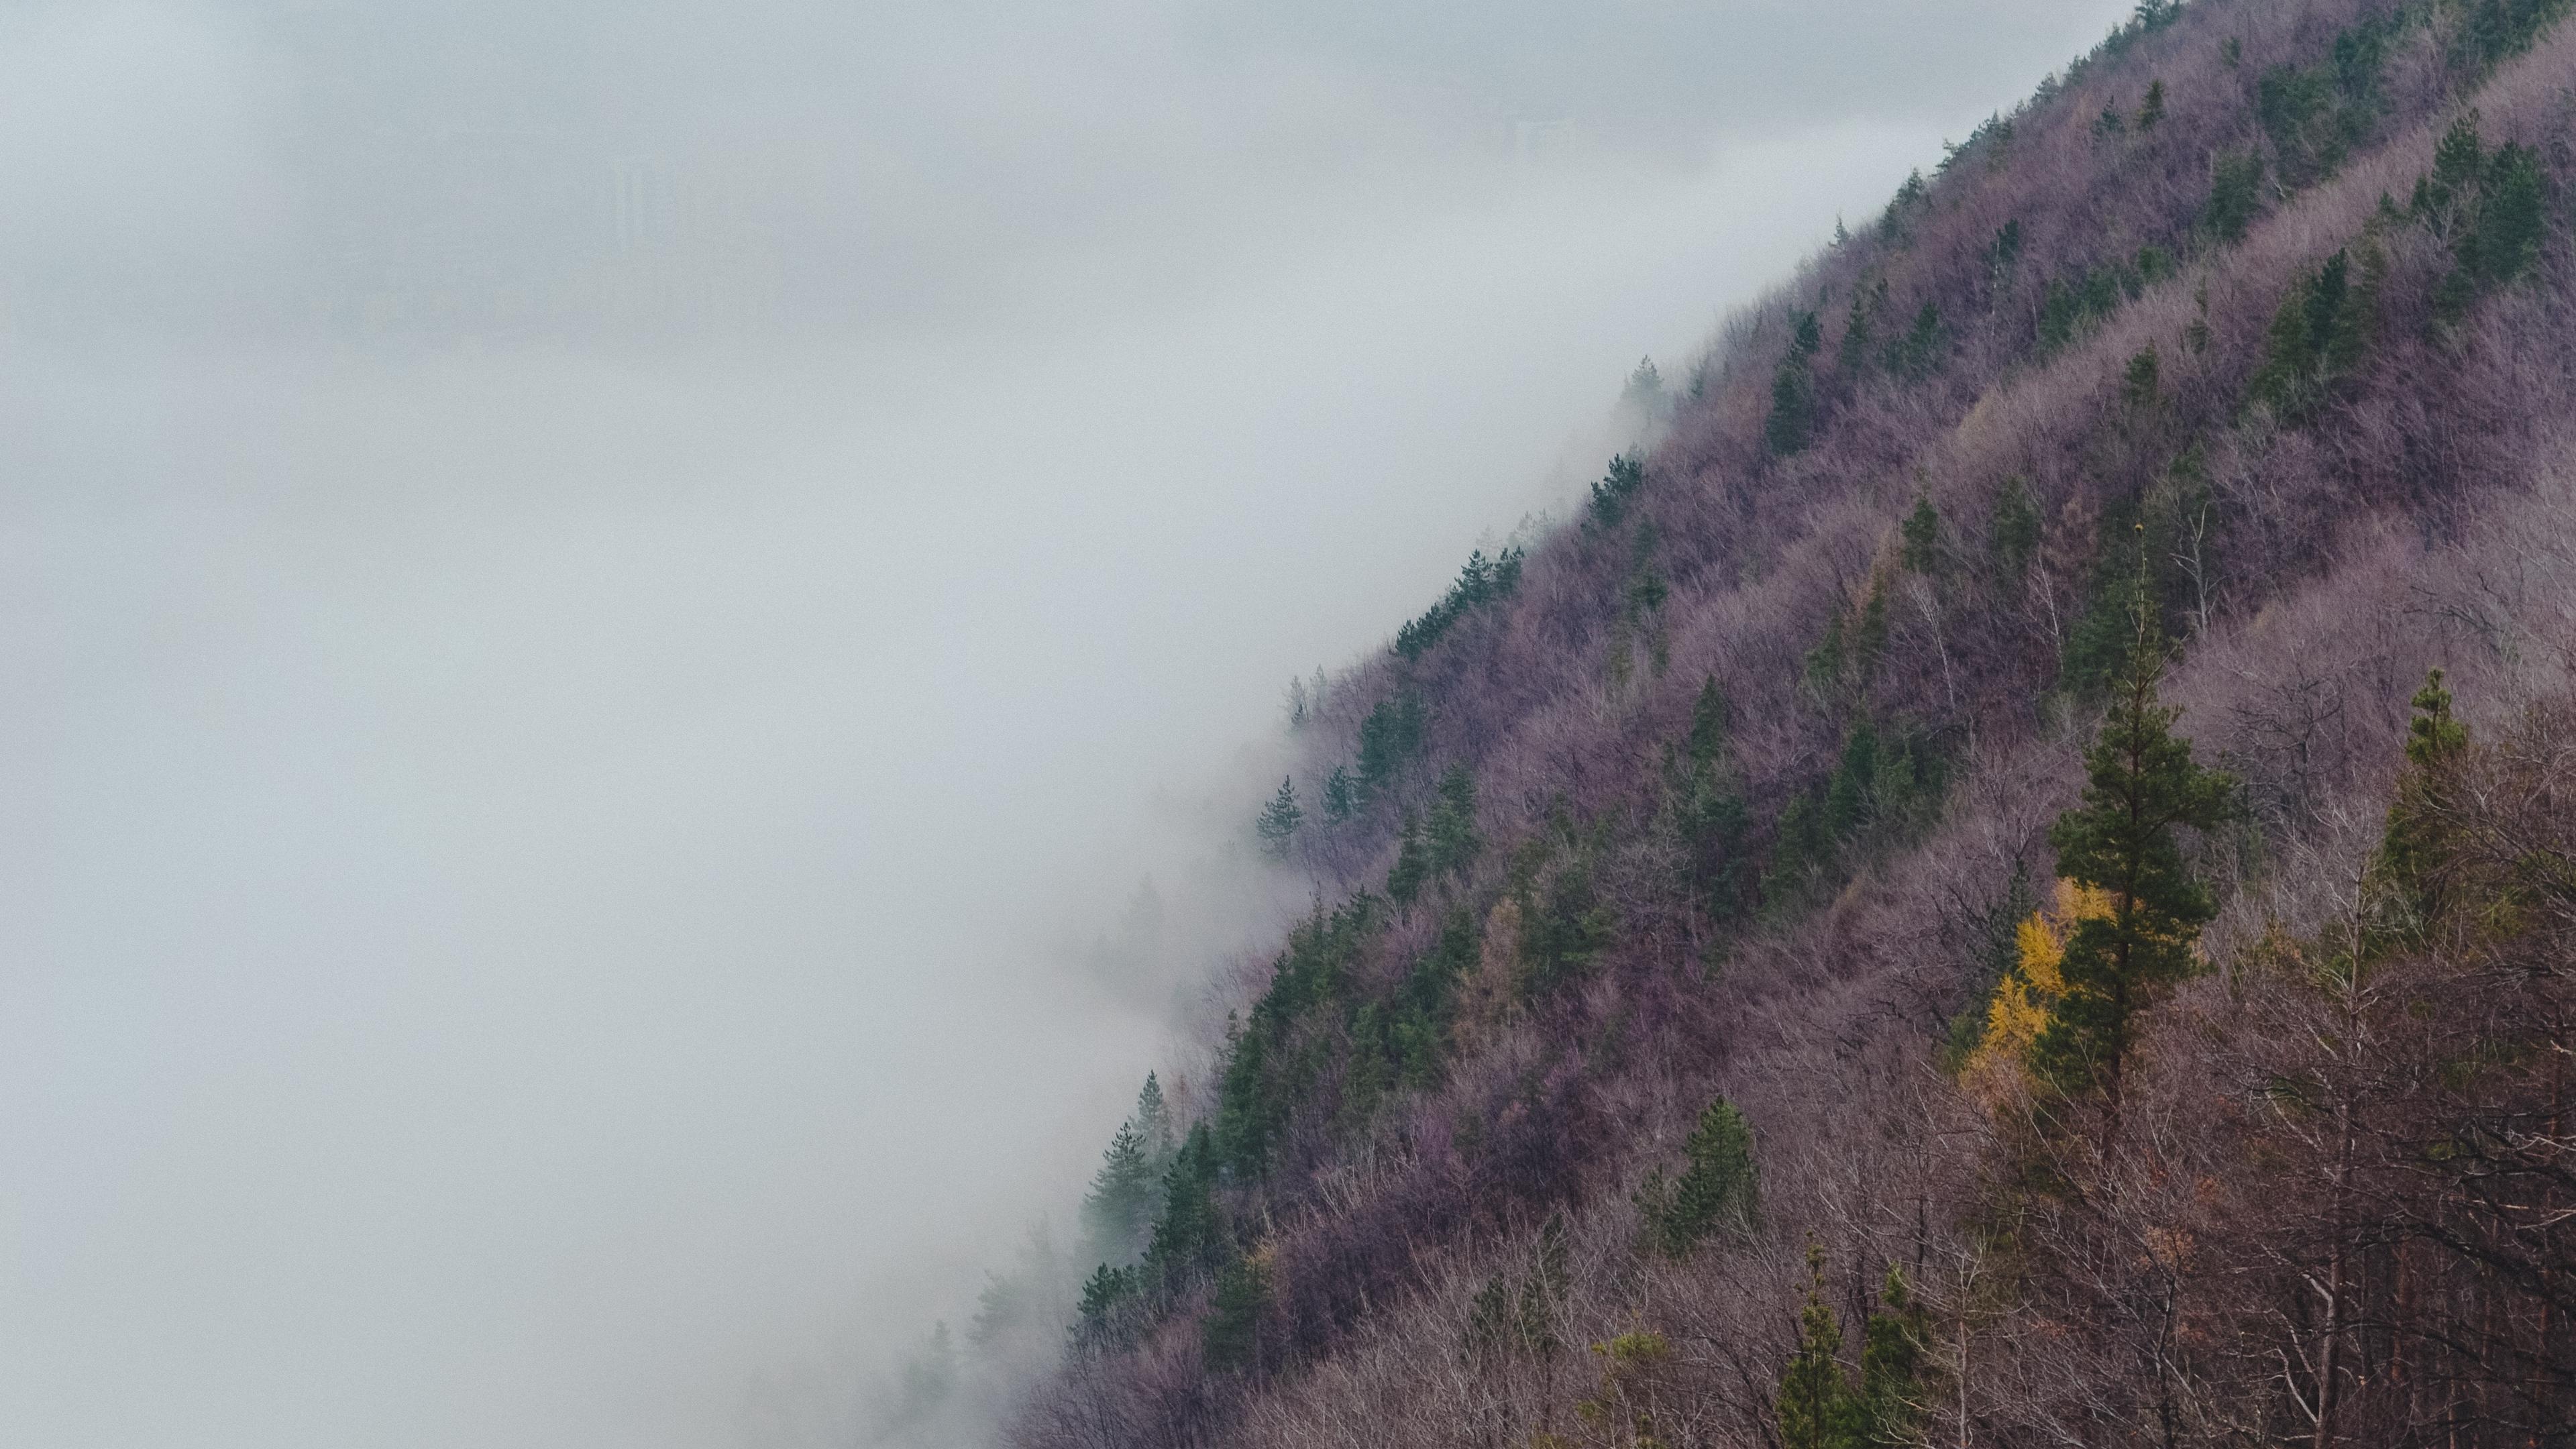 slope hill grass fog 4k 1541116165 - slope, hill, grass, fog 4k - slope, hill, Grass